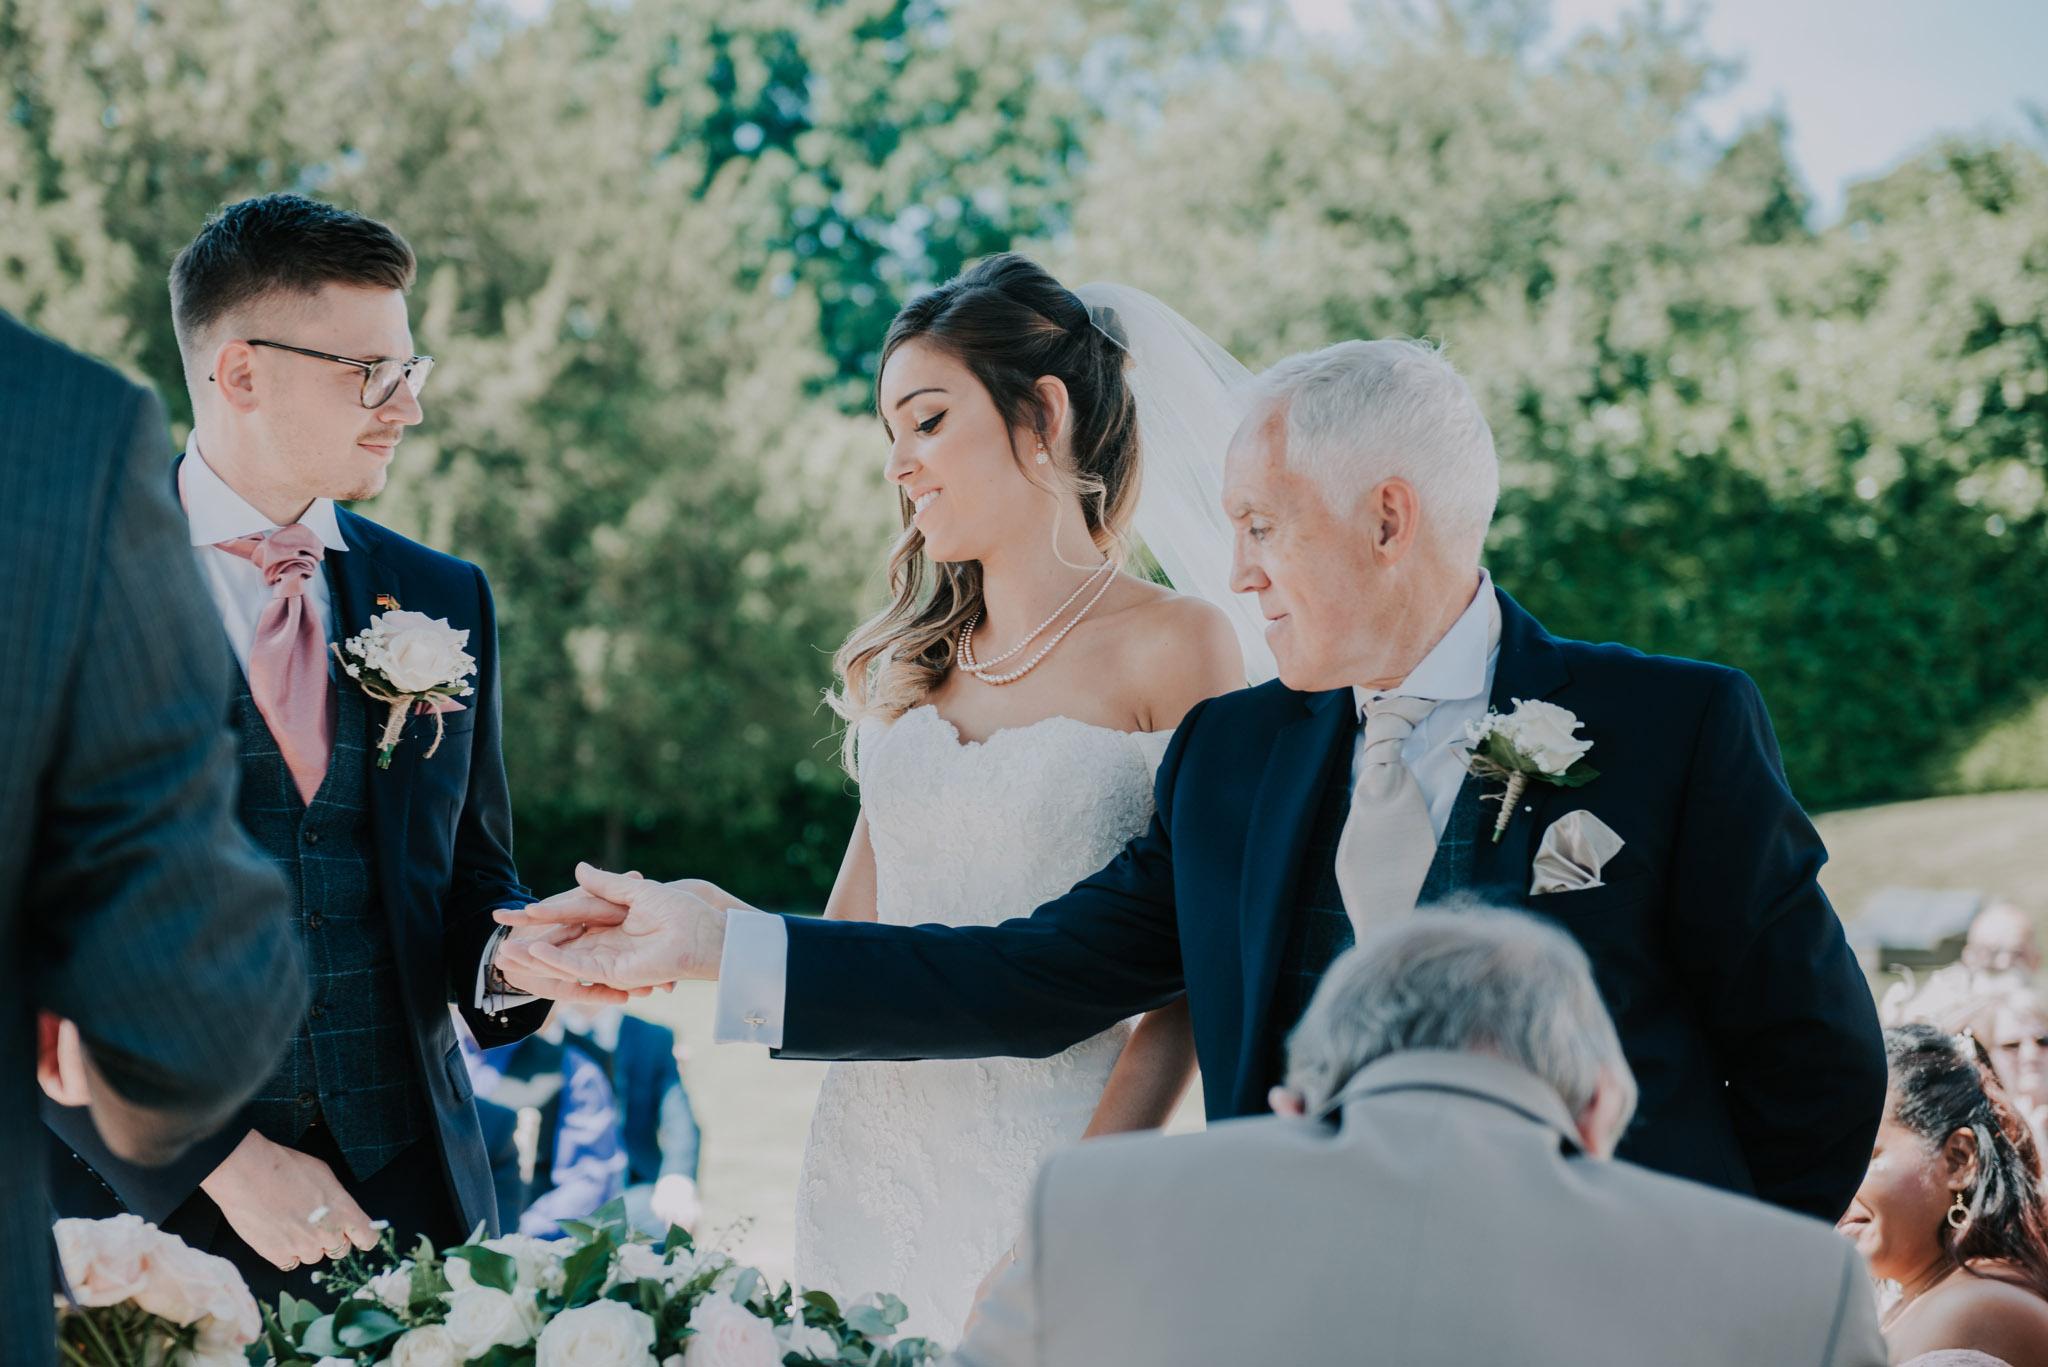 scott-stockwell-wedding-photographer-wood-norton-evesham159.jpg